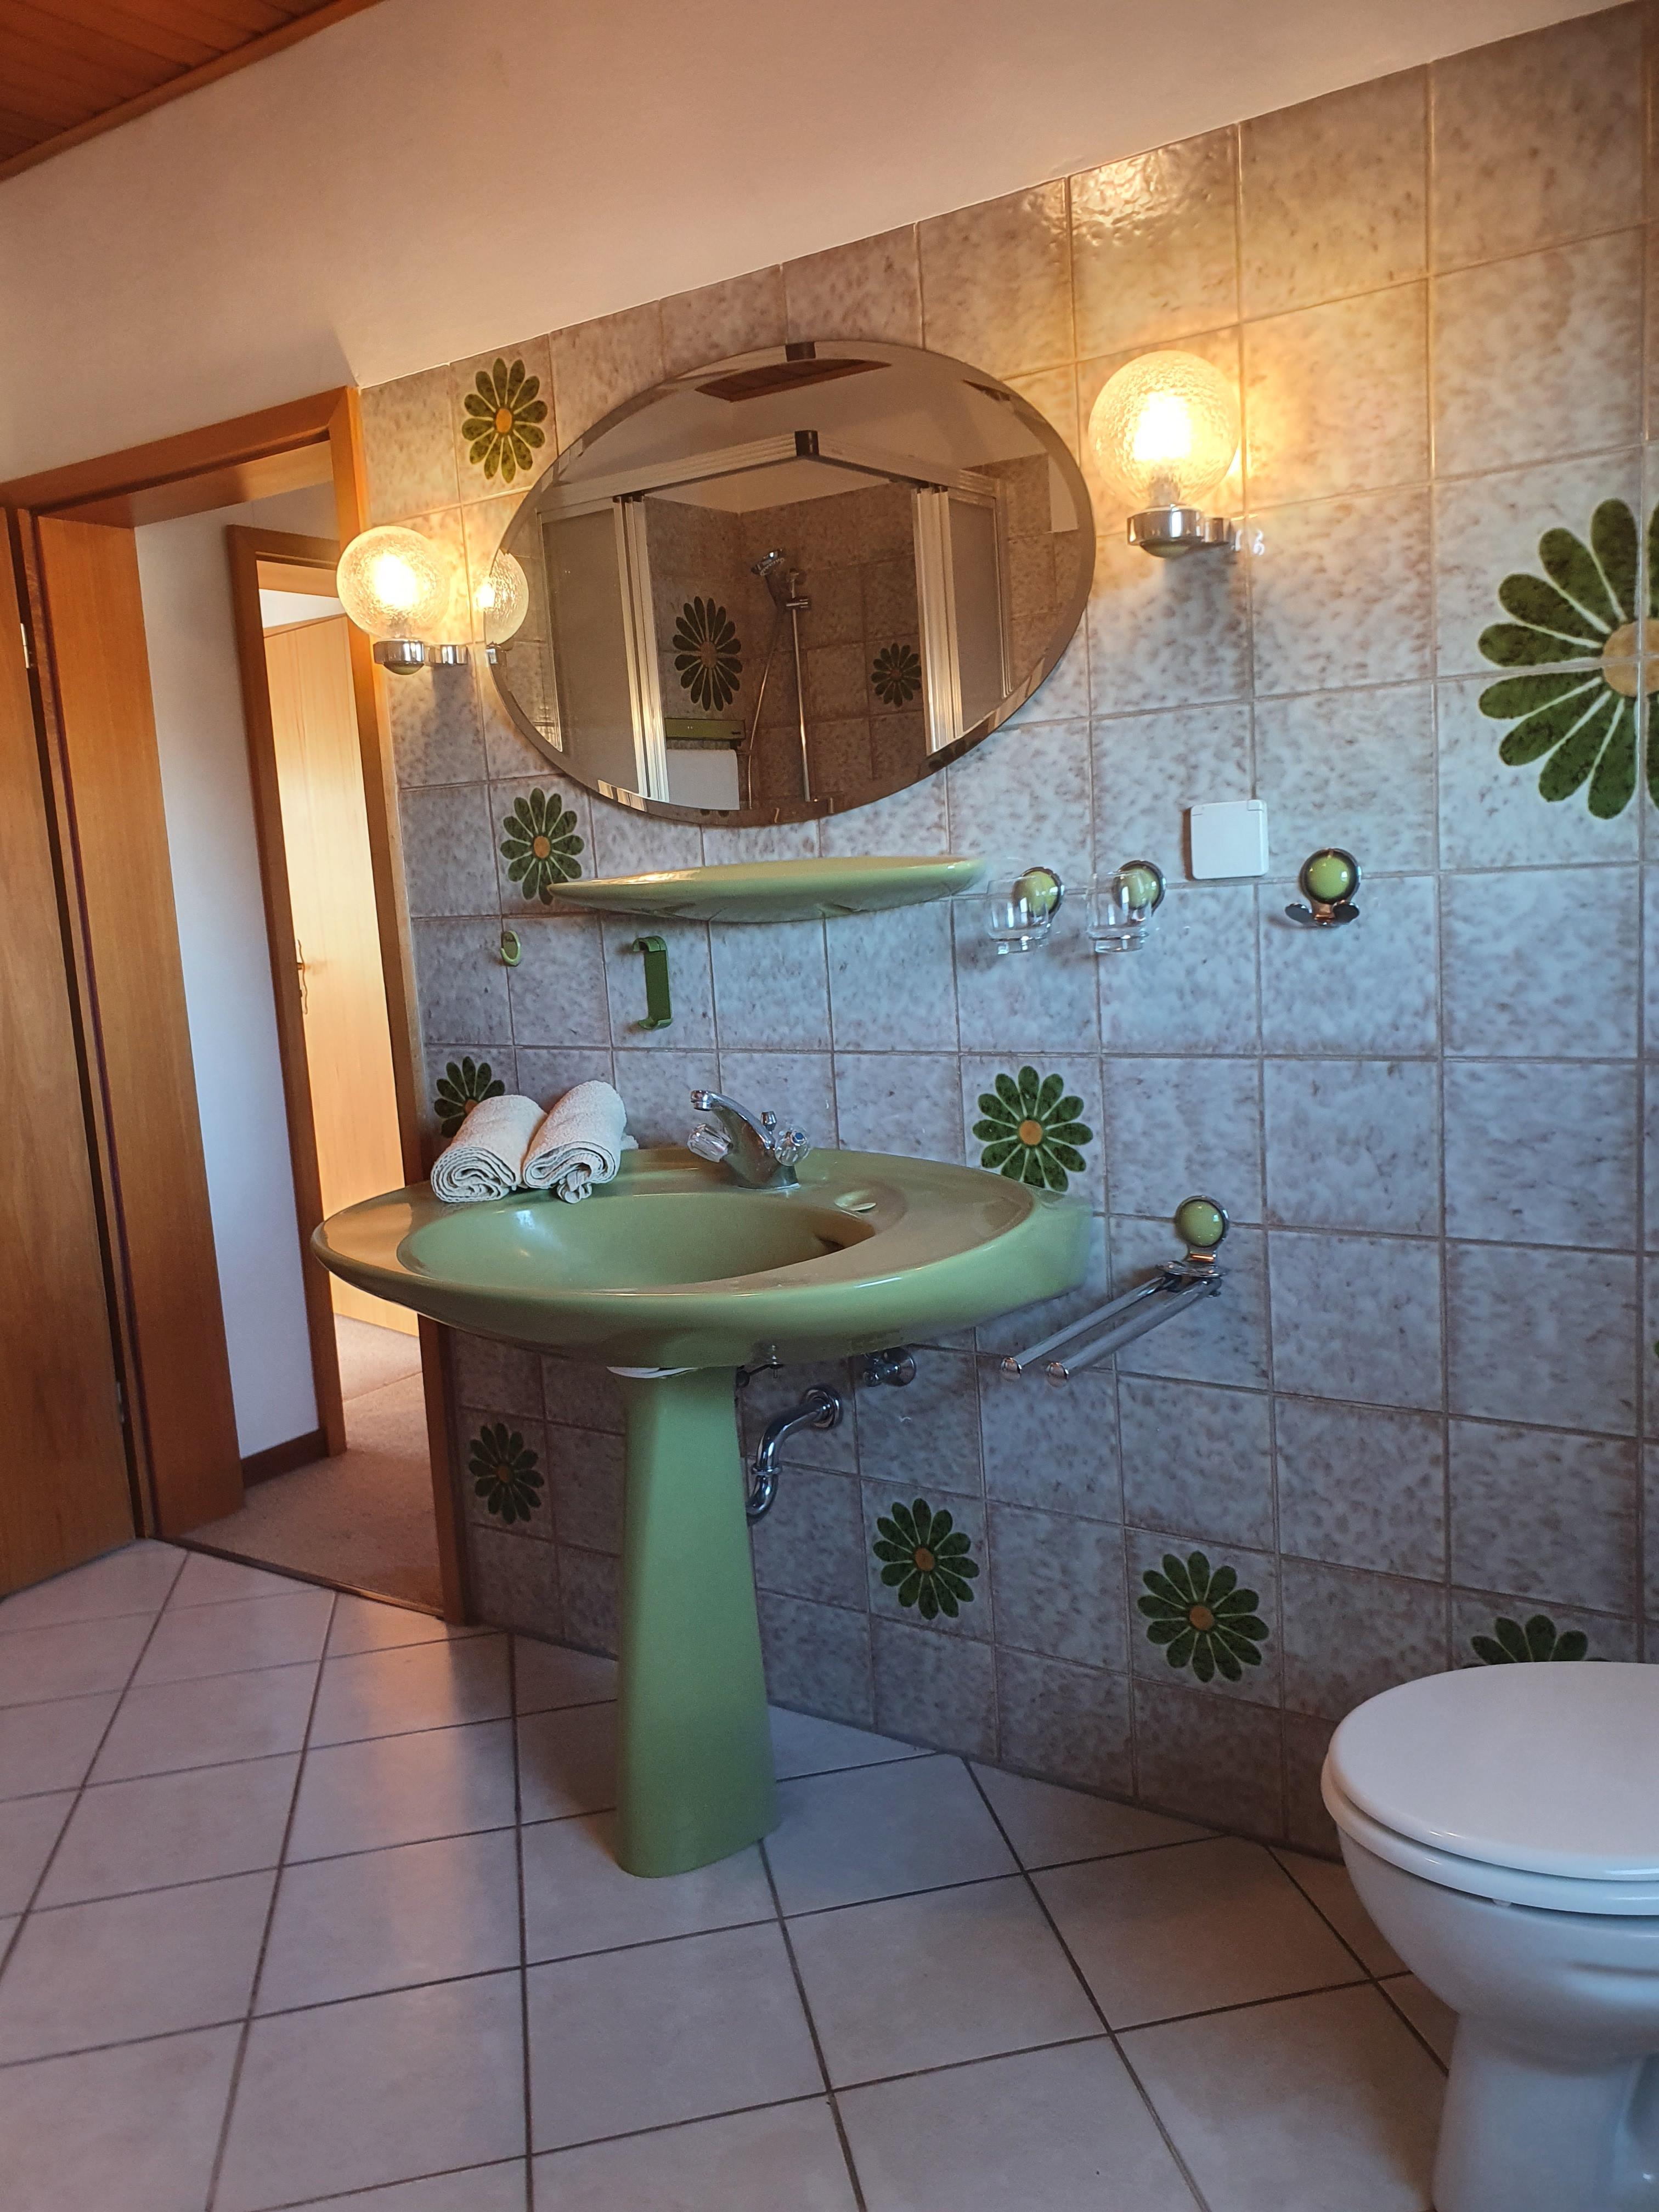 504-badezimmer